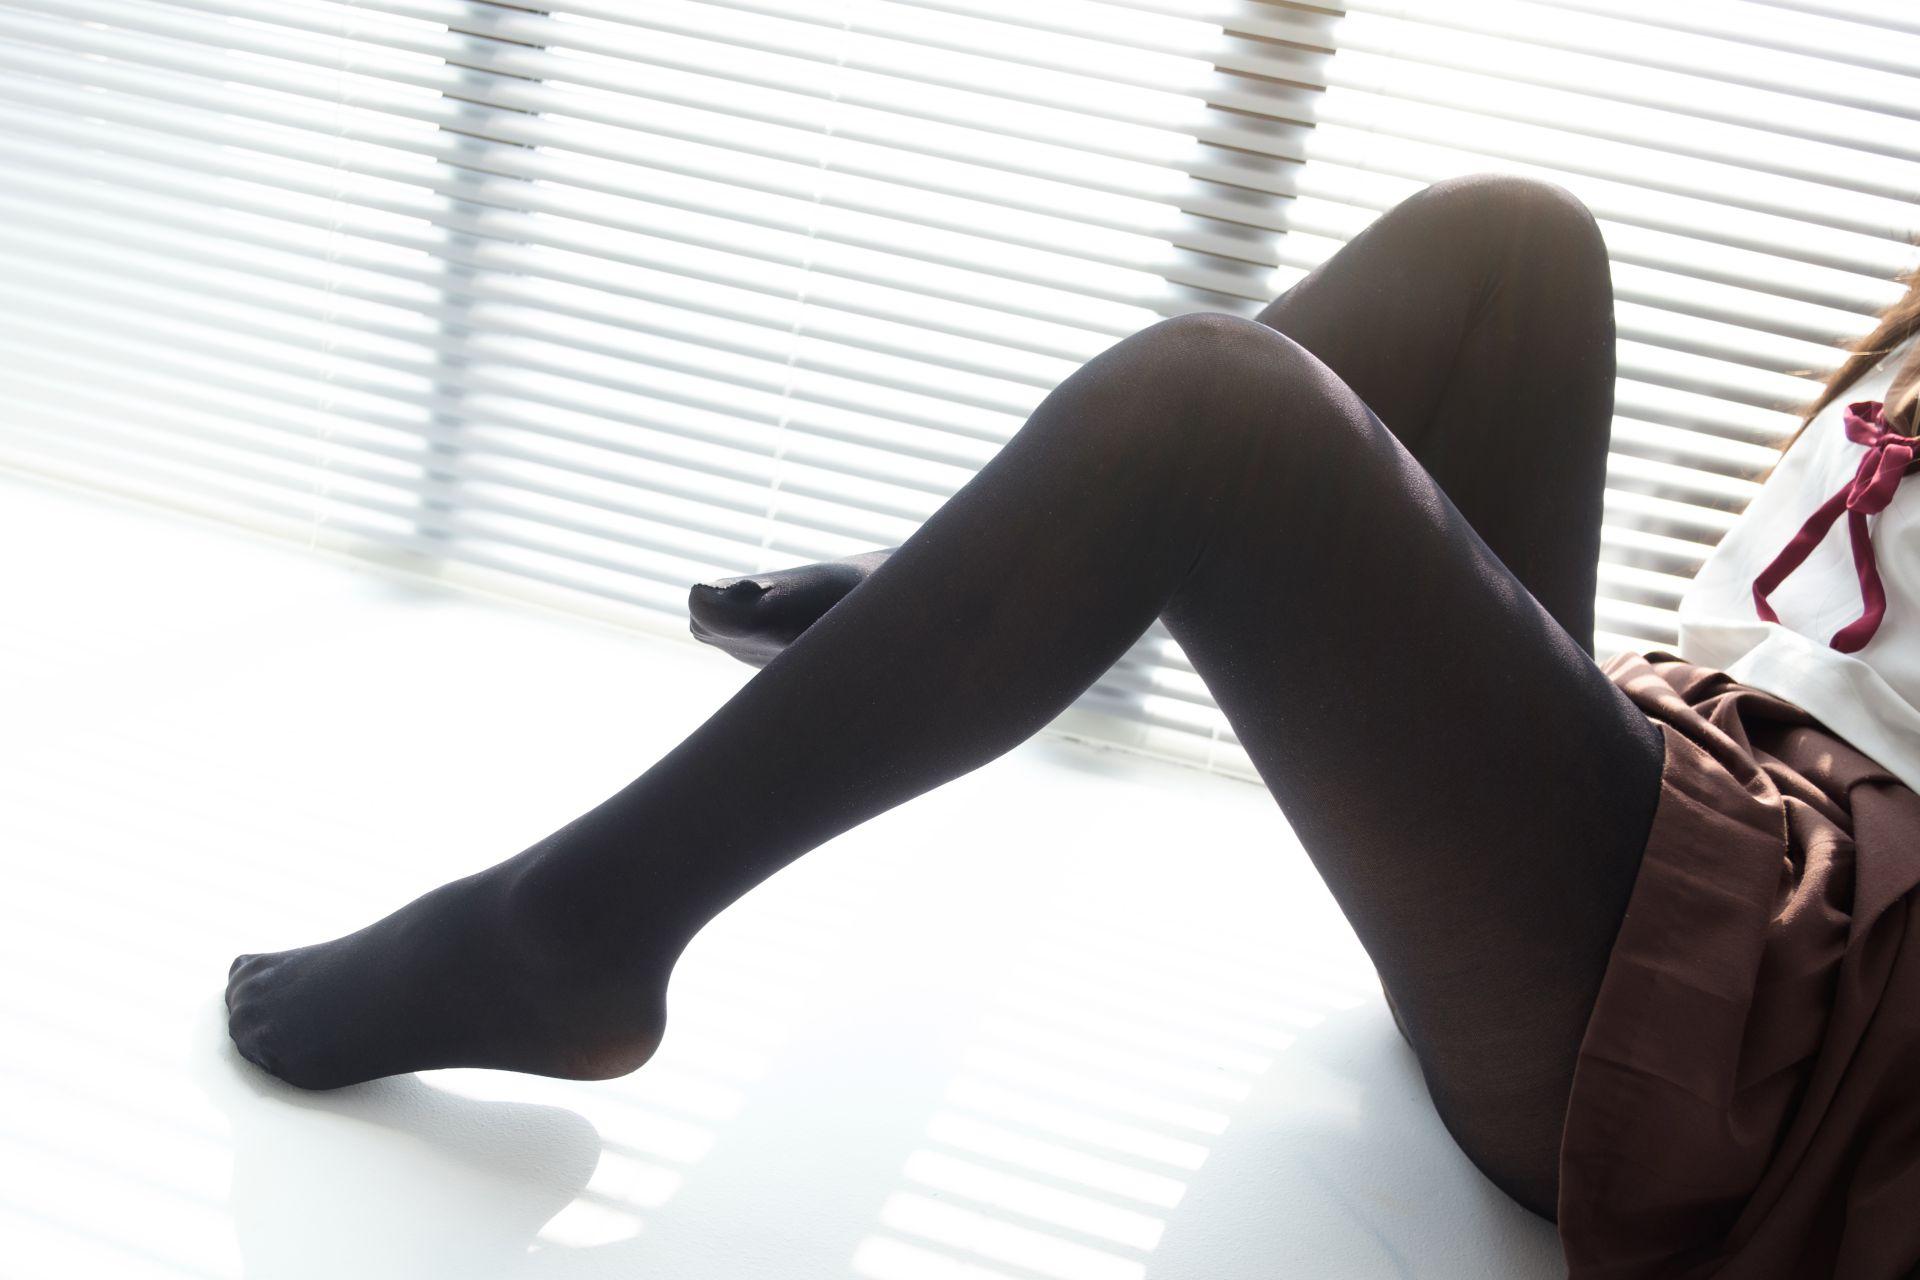 【森萝财团】森萝财团写真 - BETA-011 JK黑丝美足 [68P-303MB] BETA系列 第4张